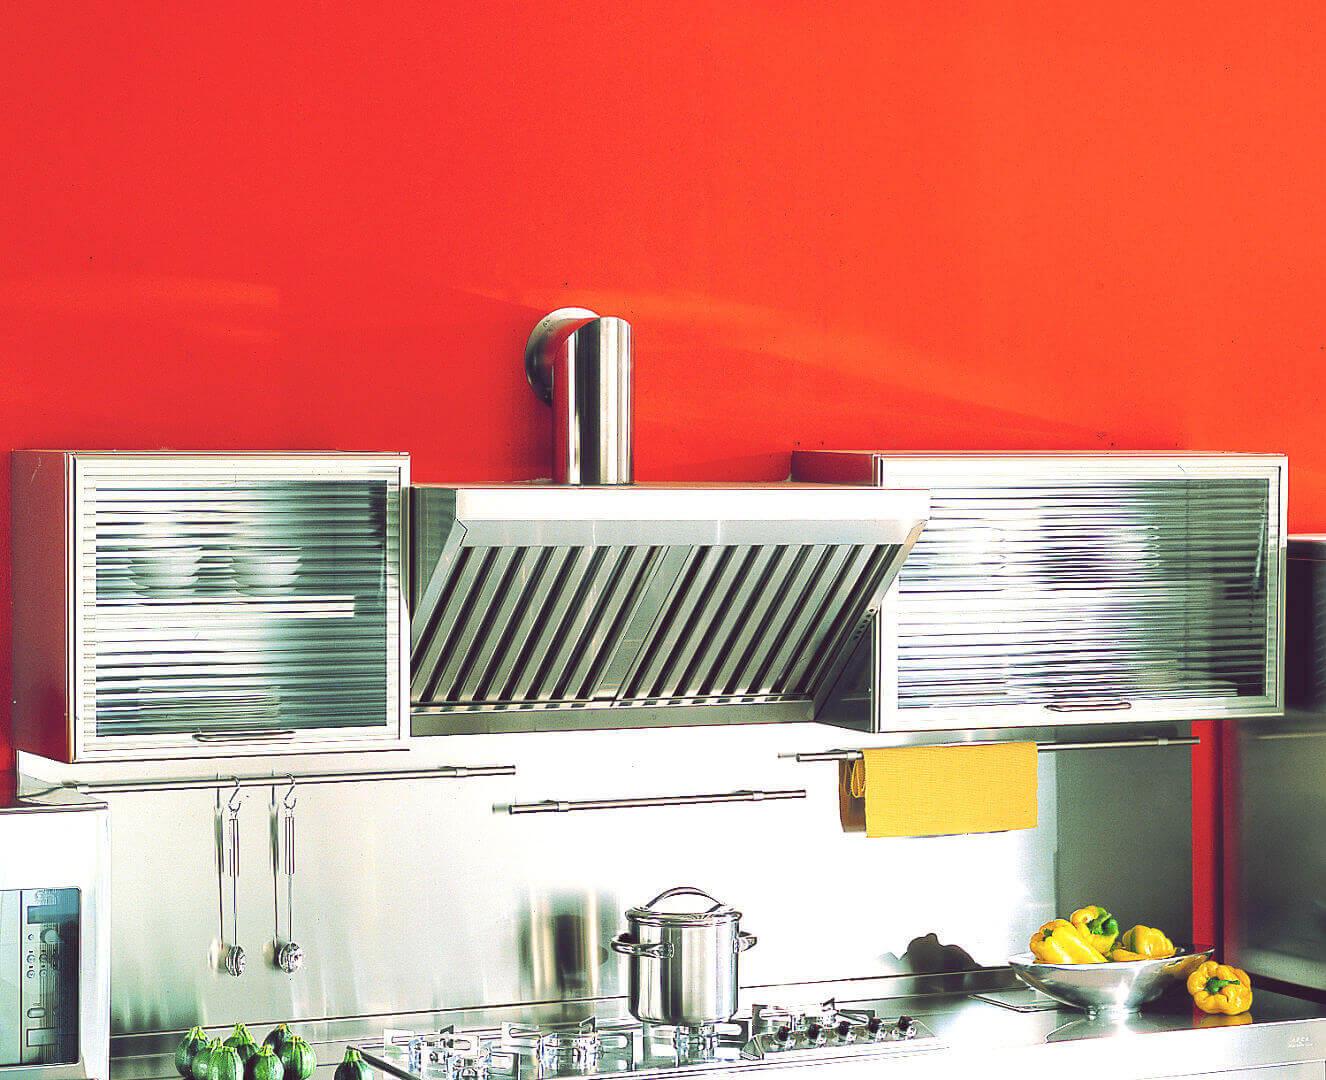 Arca Cucine Italia - Cucina Domestica in Acciaio Inox - Spring - Pensili E Cappa